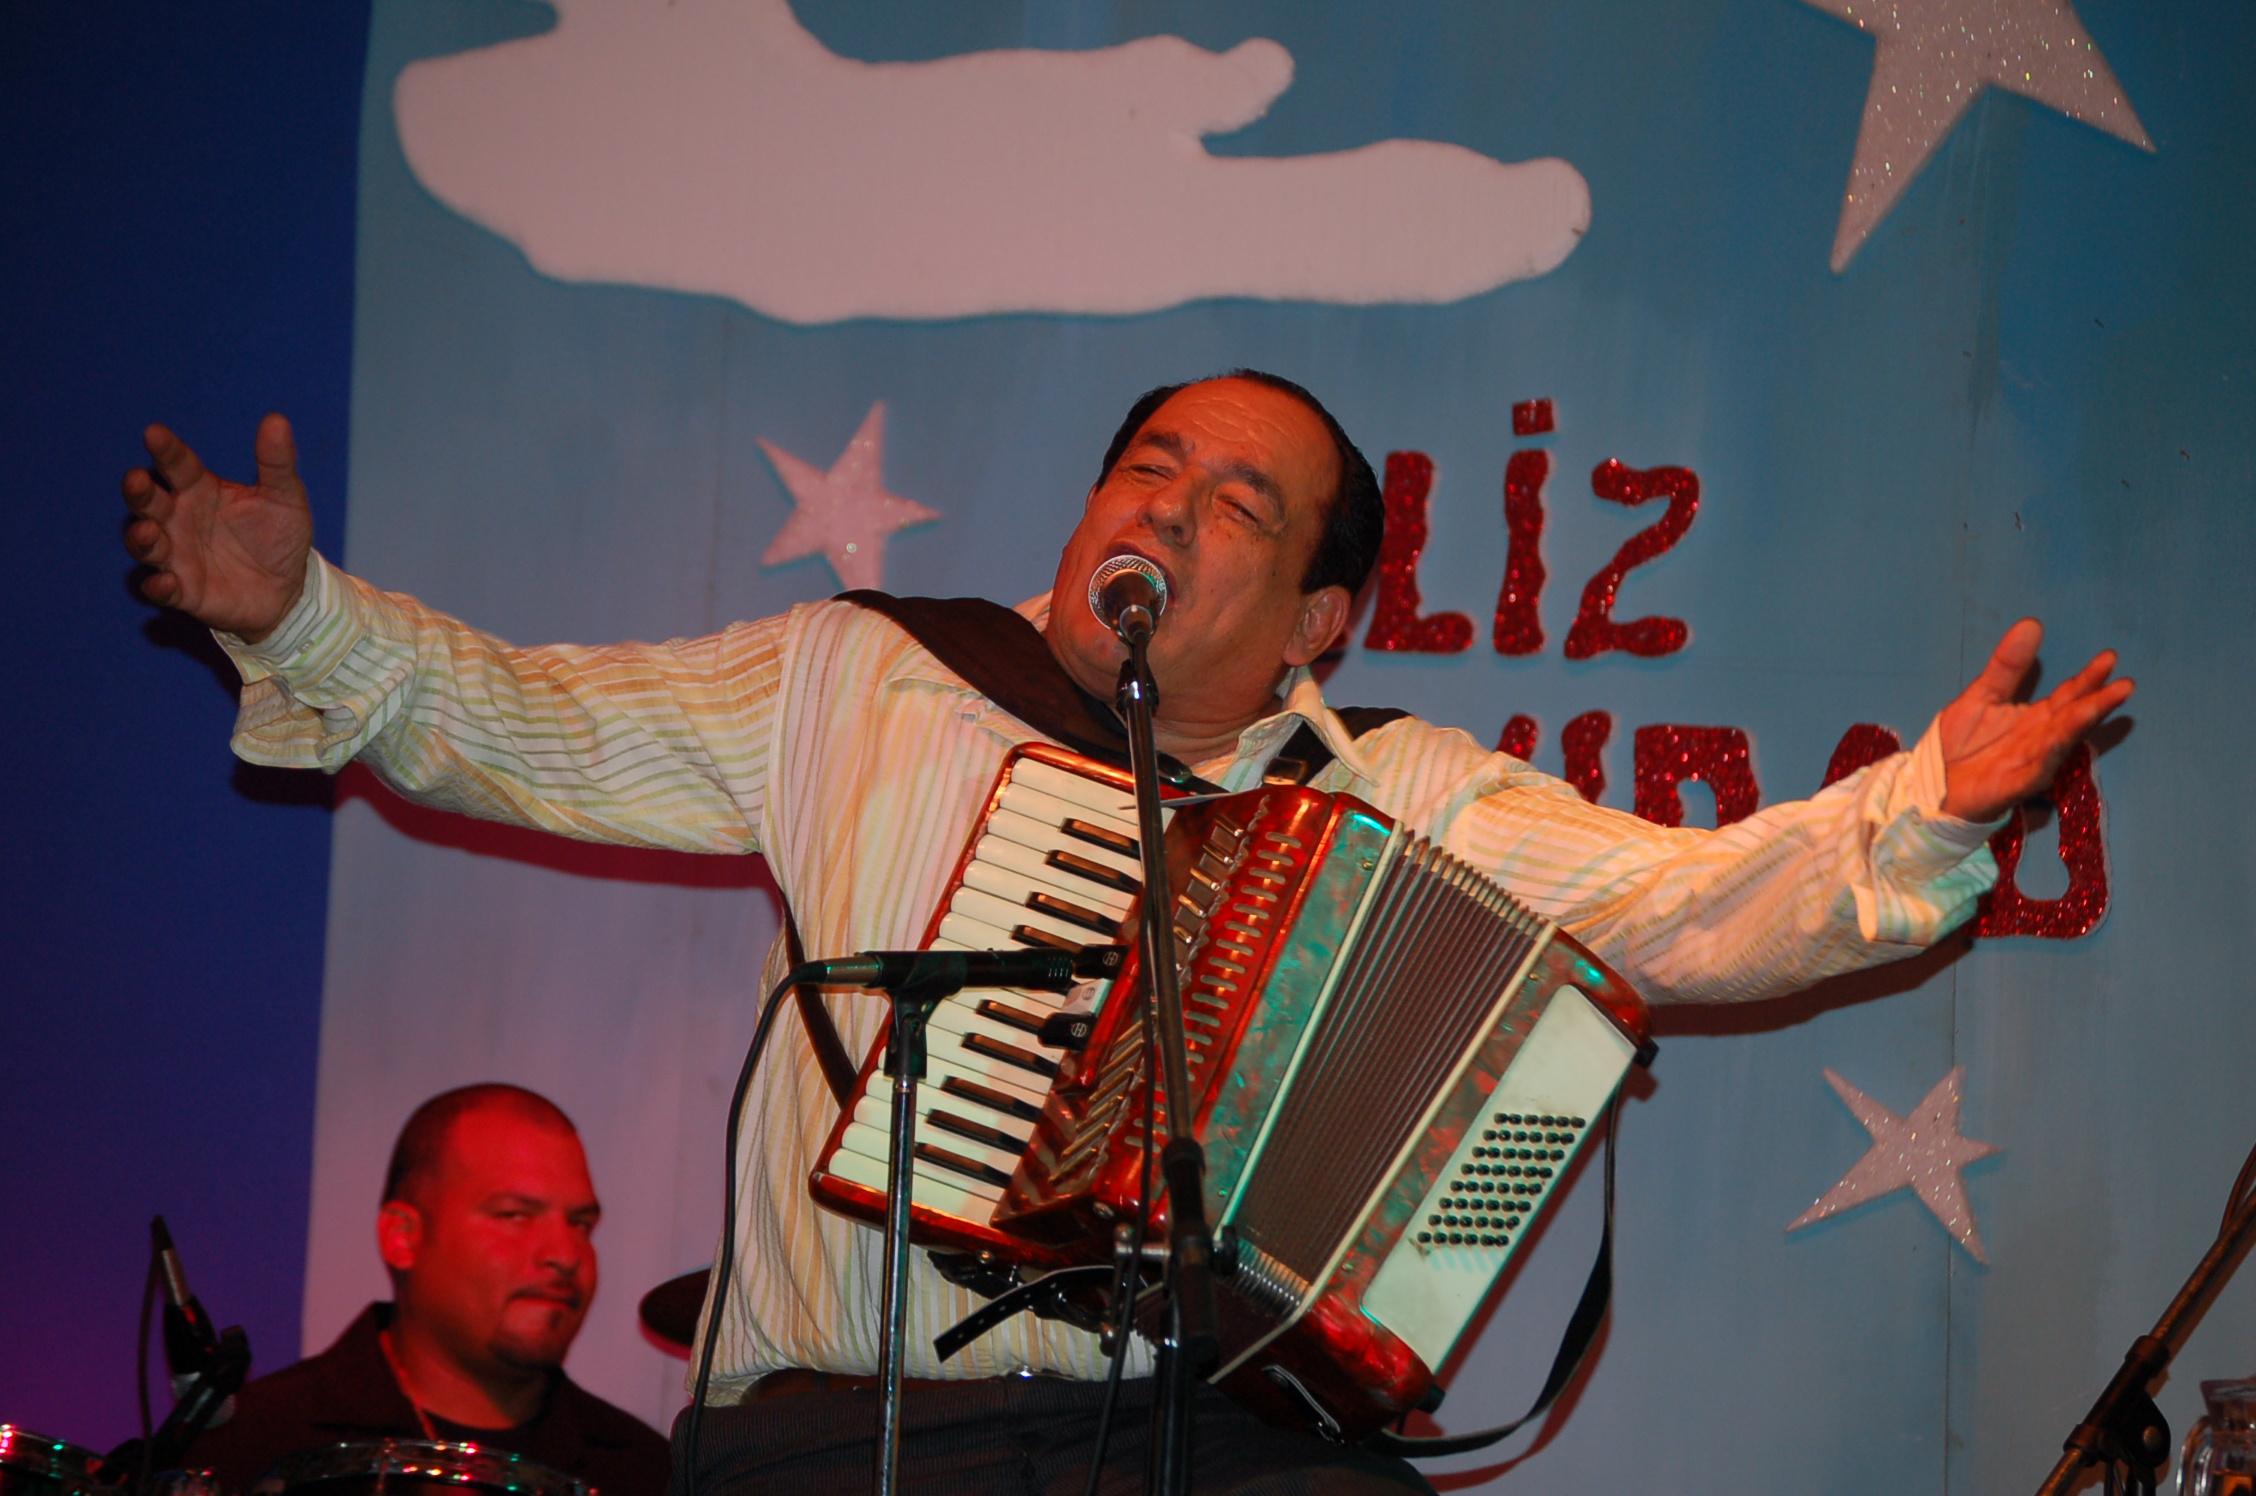 Carlos Mejía Godoy en el X Aniversario de la Fundación Mejía Godoy, diciembre de 2006. }} '''Carlos Arturo Mejía Godoy''' (1943- ) es un músico, compositor y cantautor Nicaragua